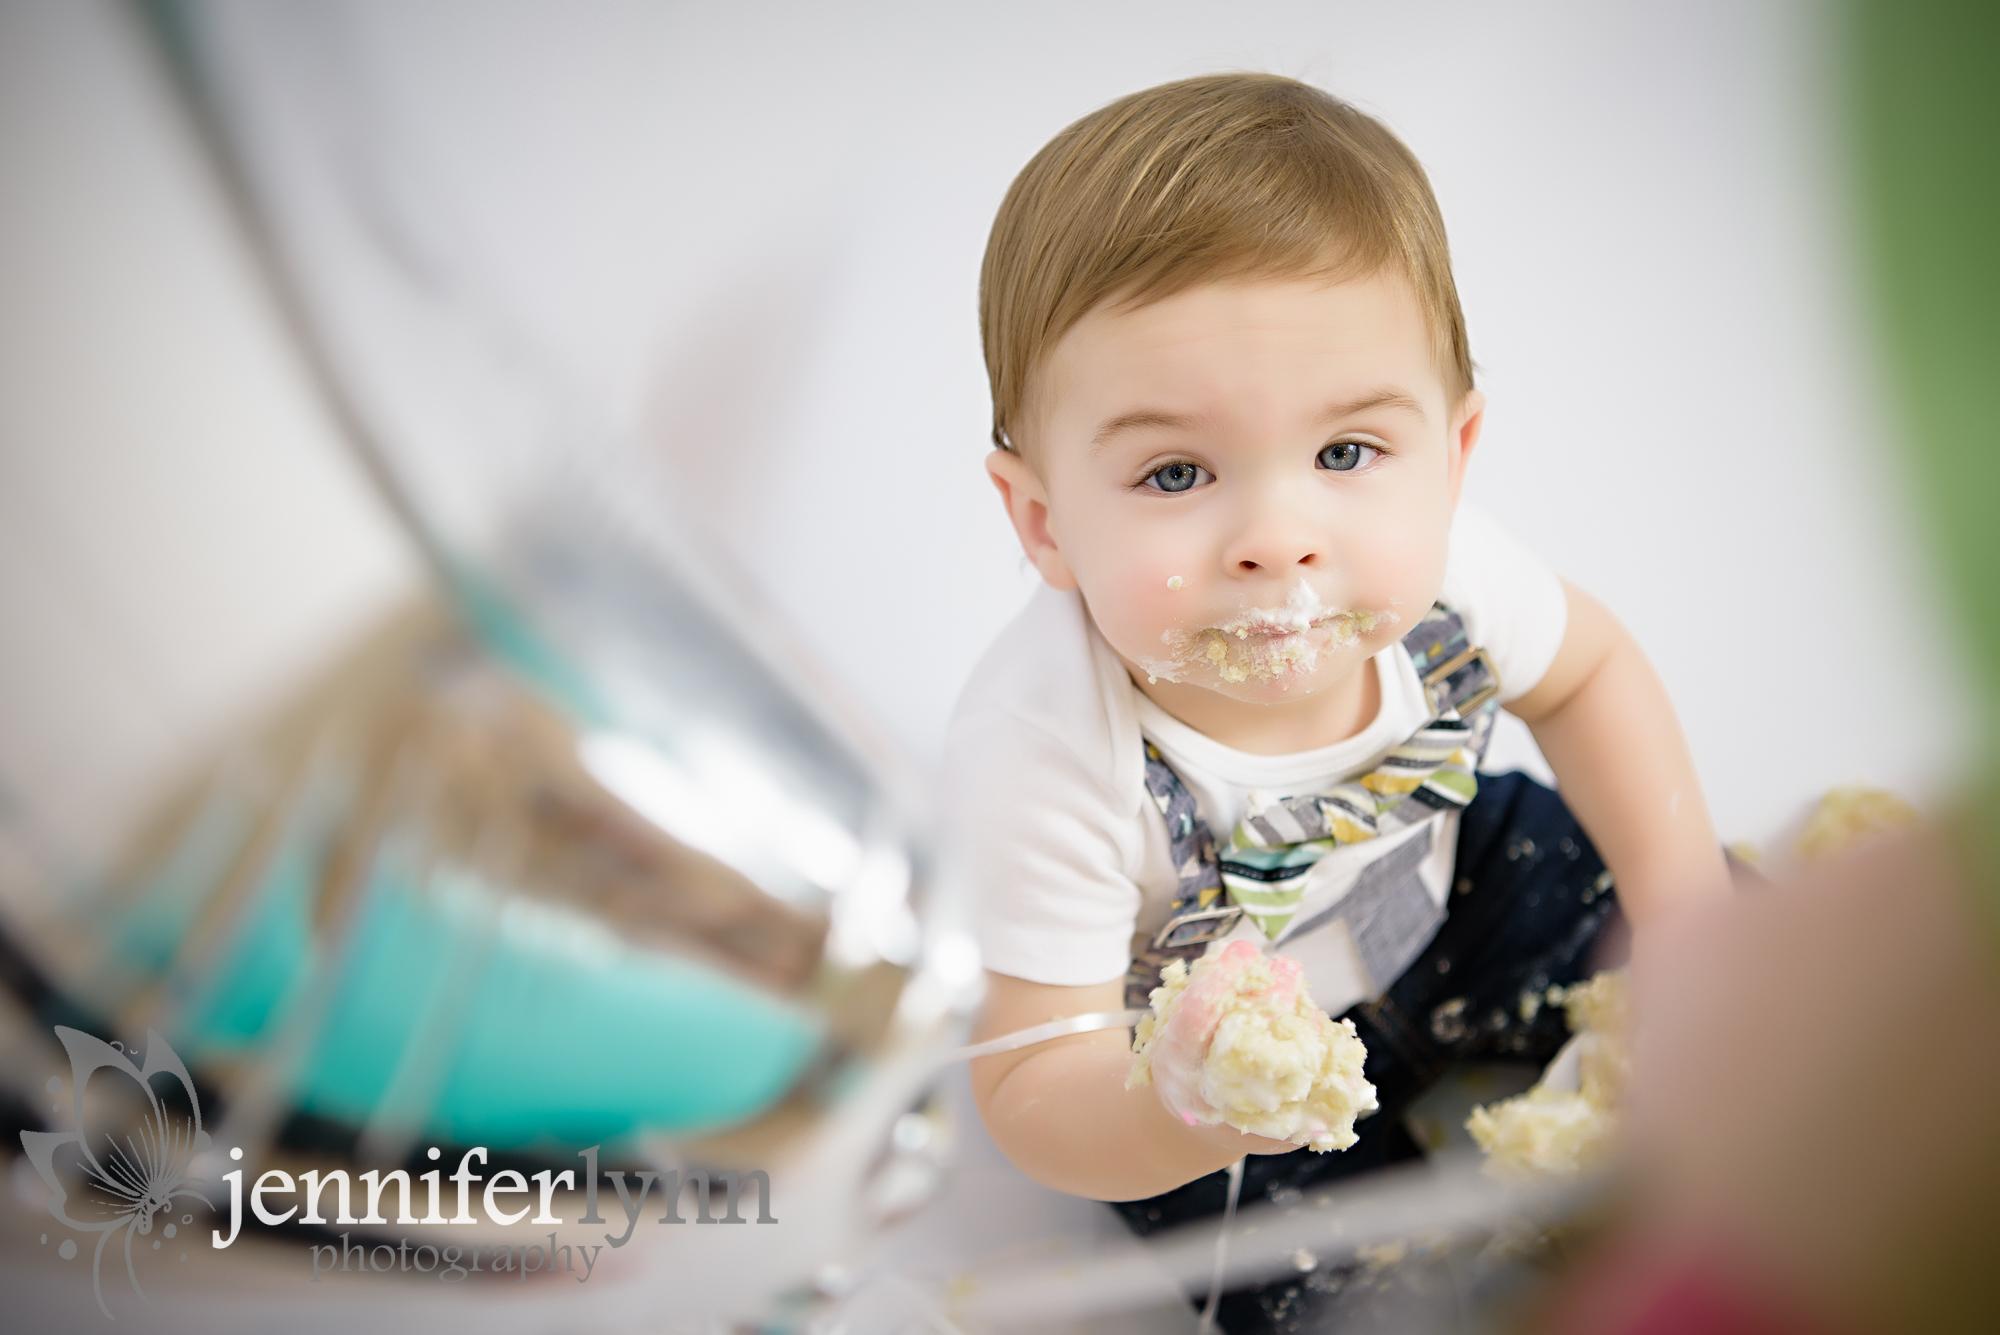 Baby Boy Eating Cake During Smash